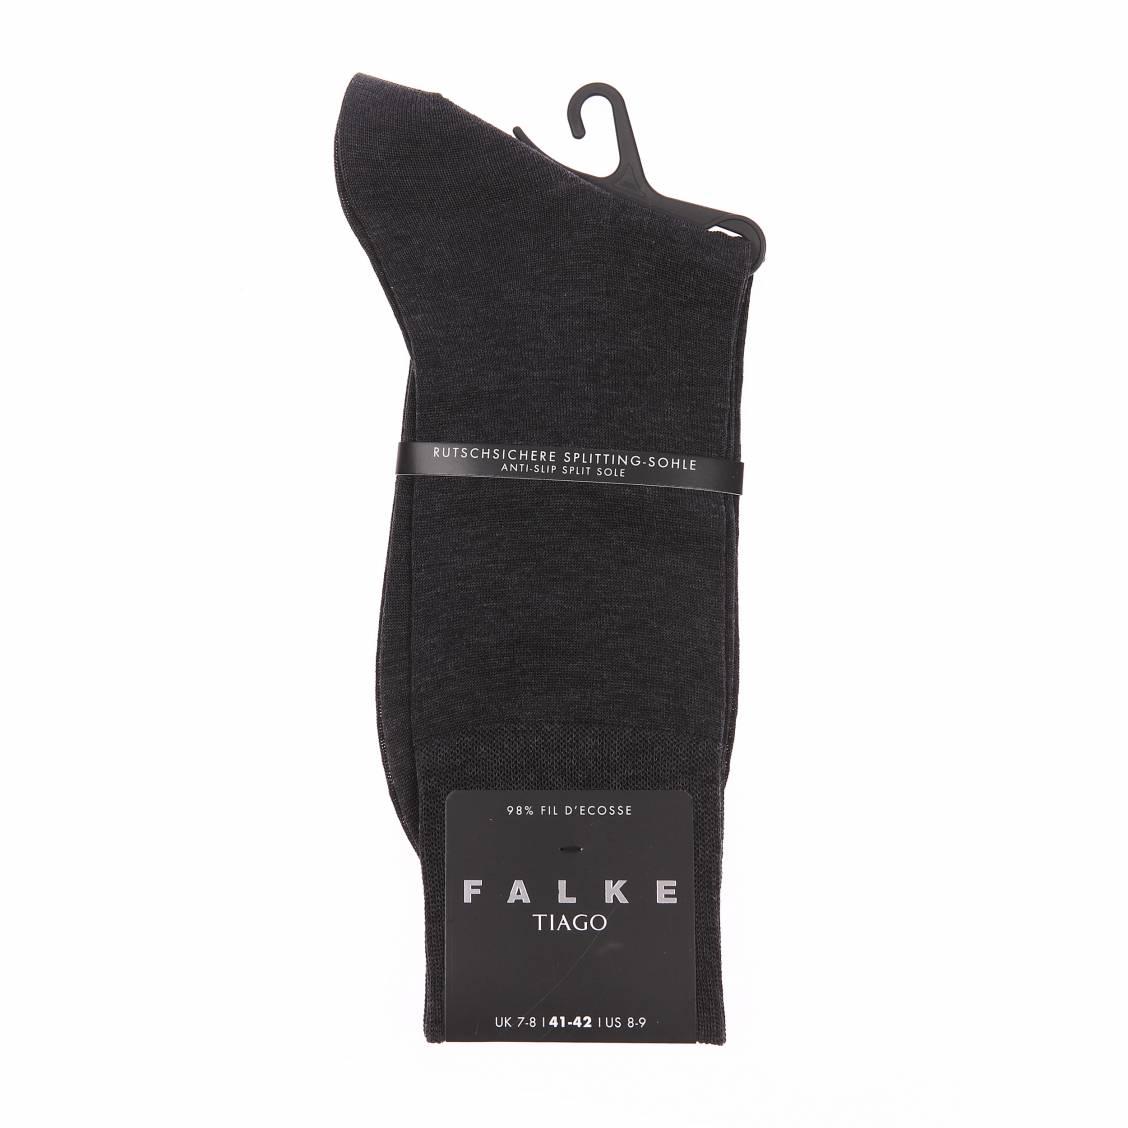 Chaussettes Tiago Falke en fil d'écosse gris anthracite